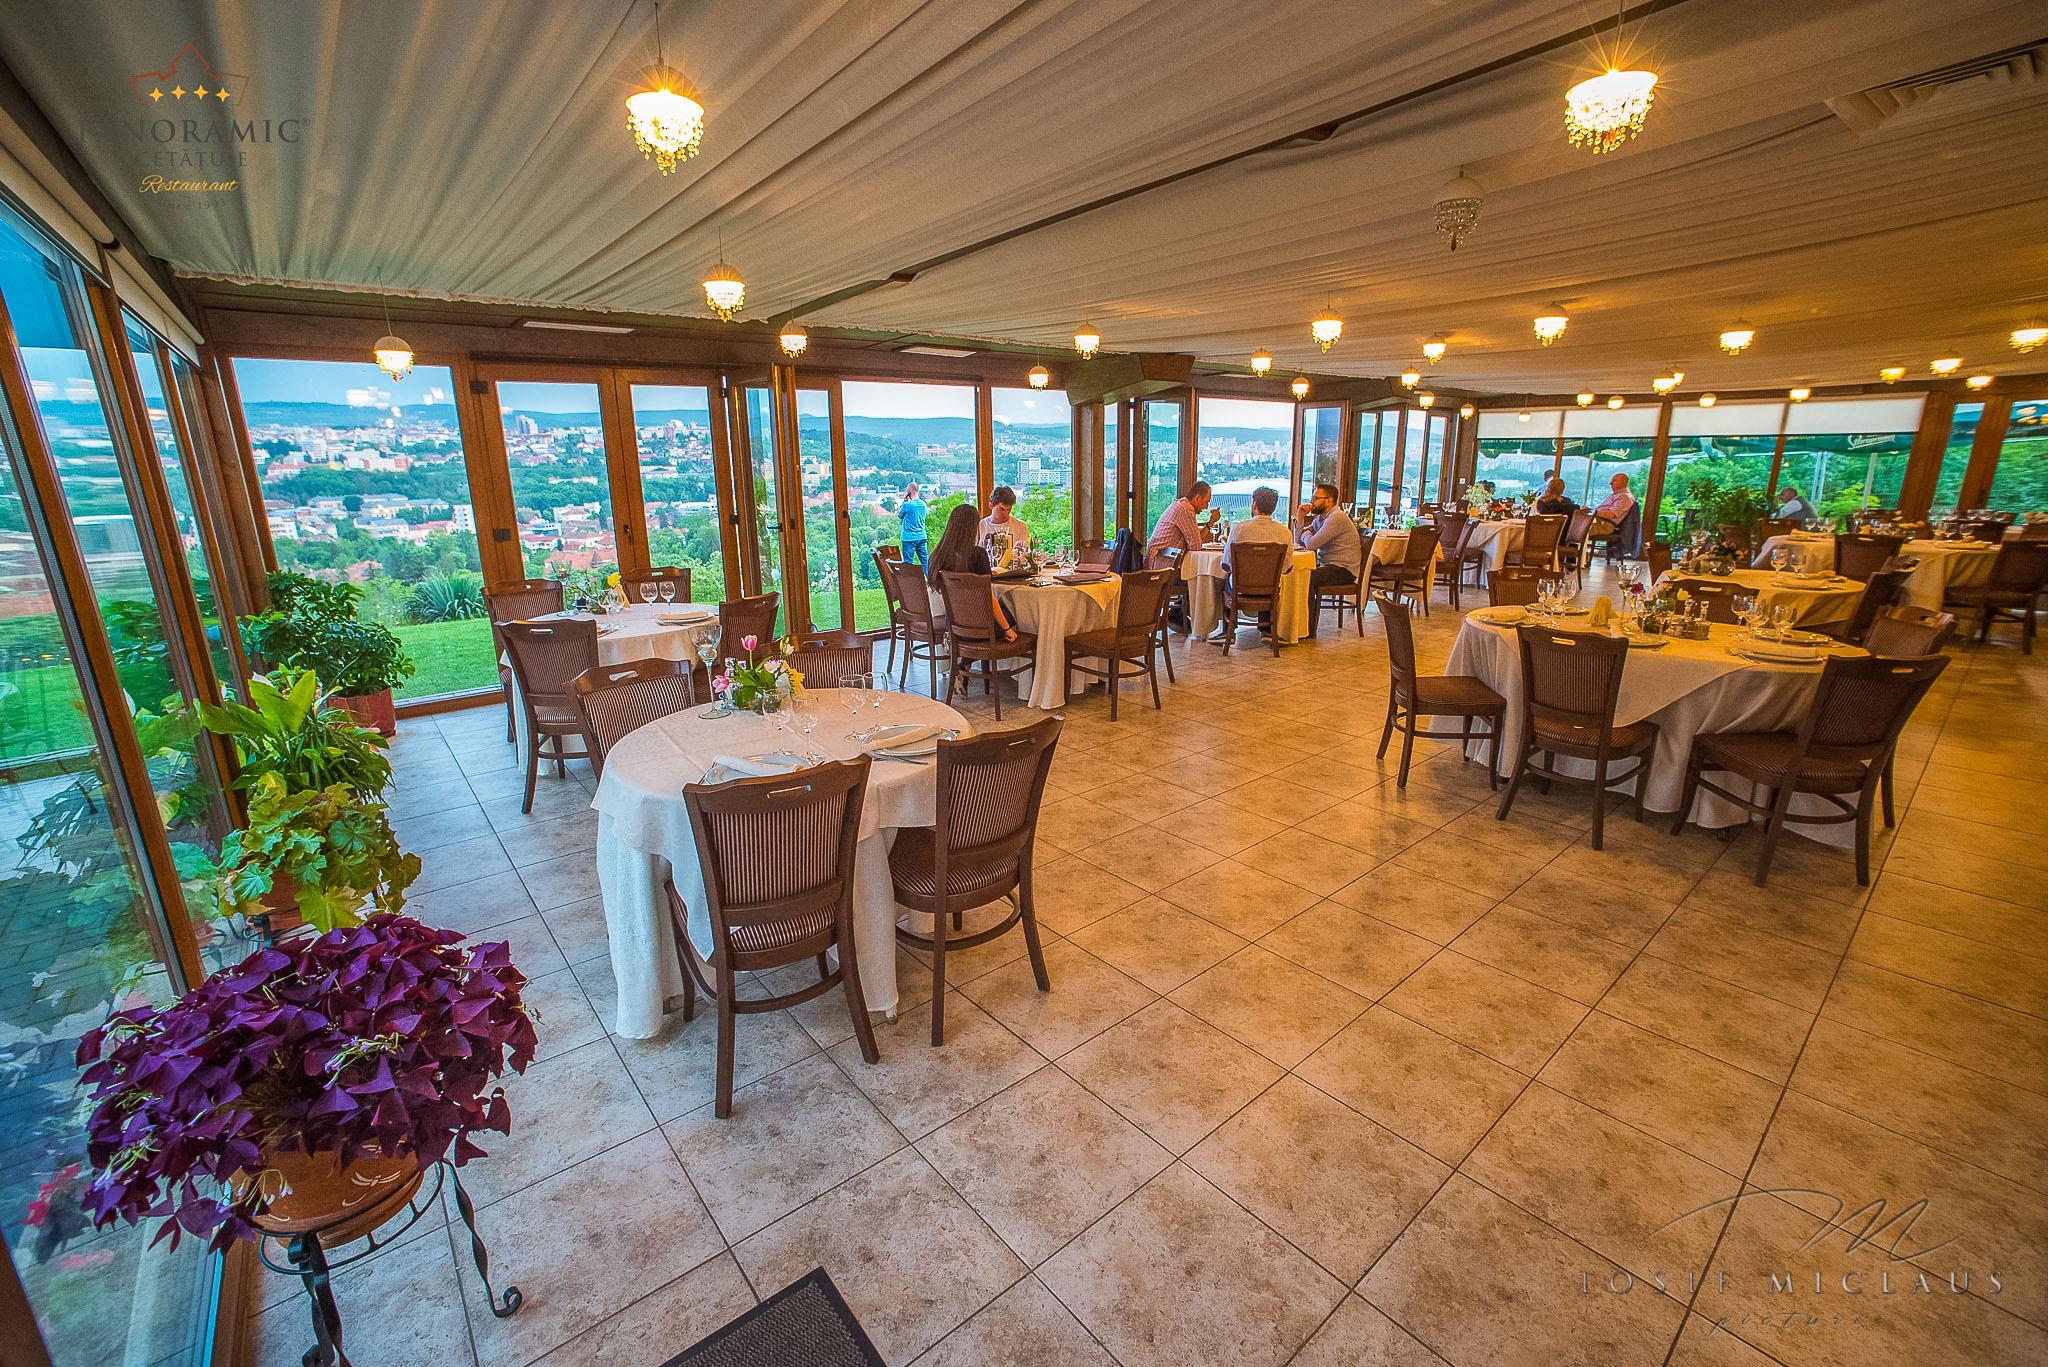 Clujul panoramic – un loc special de belvedere și petrecere a timpului liber